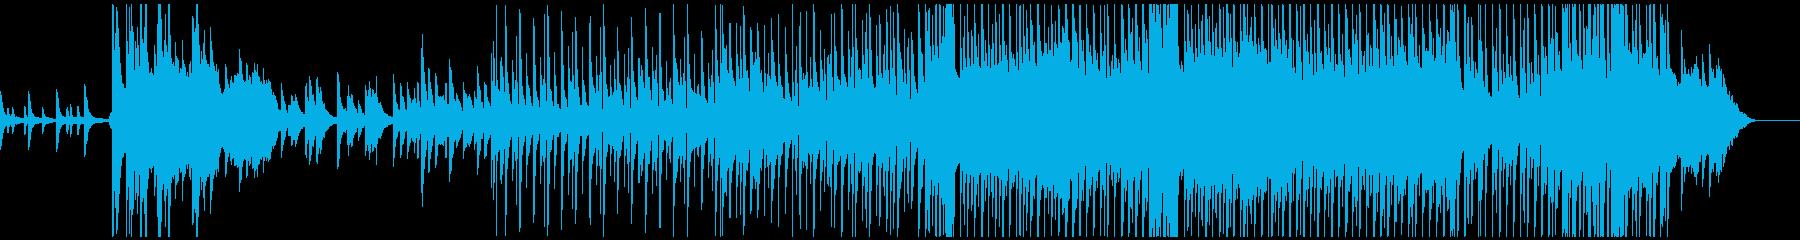 冬、クリスマス風ポップなピアノバラードの再生済みの波形